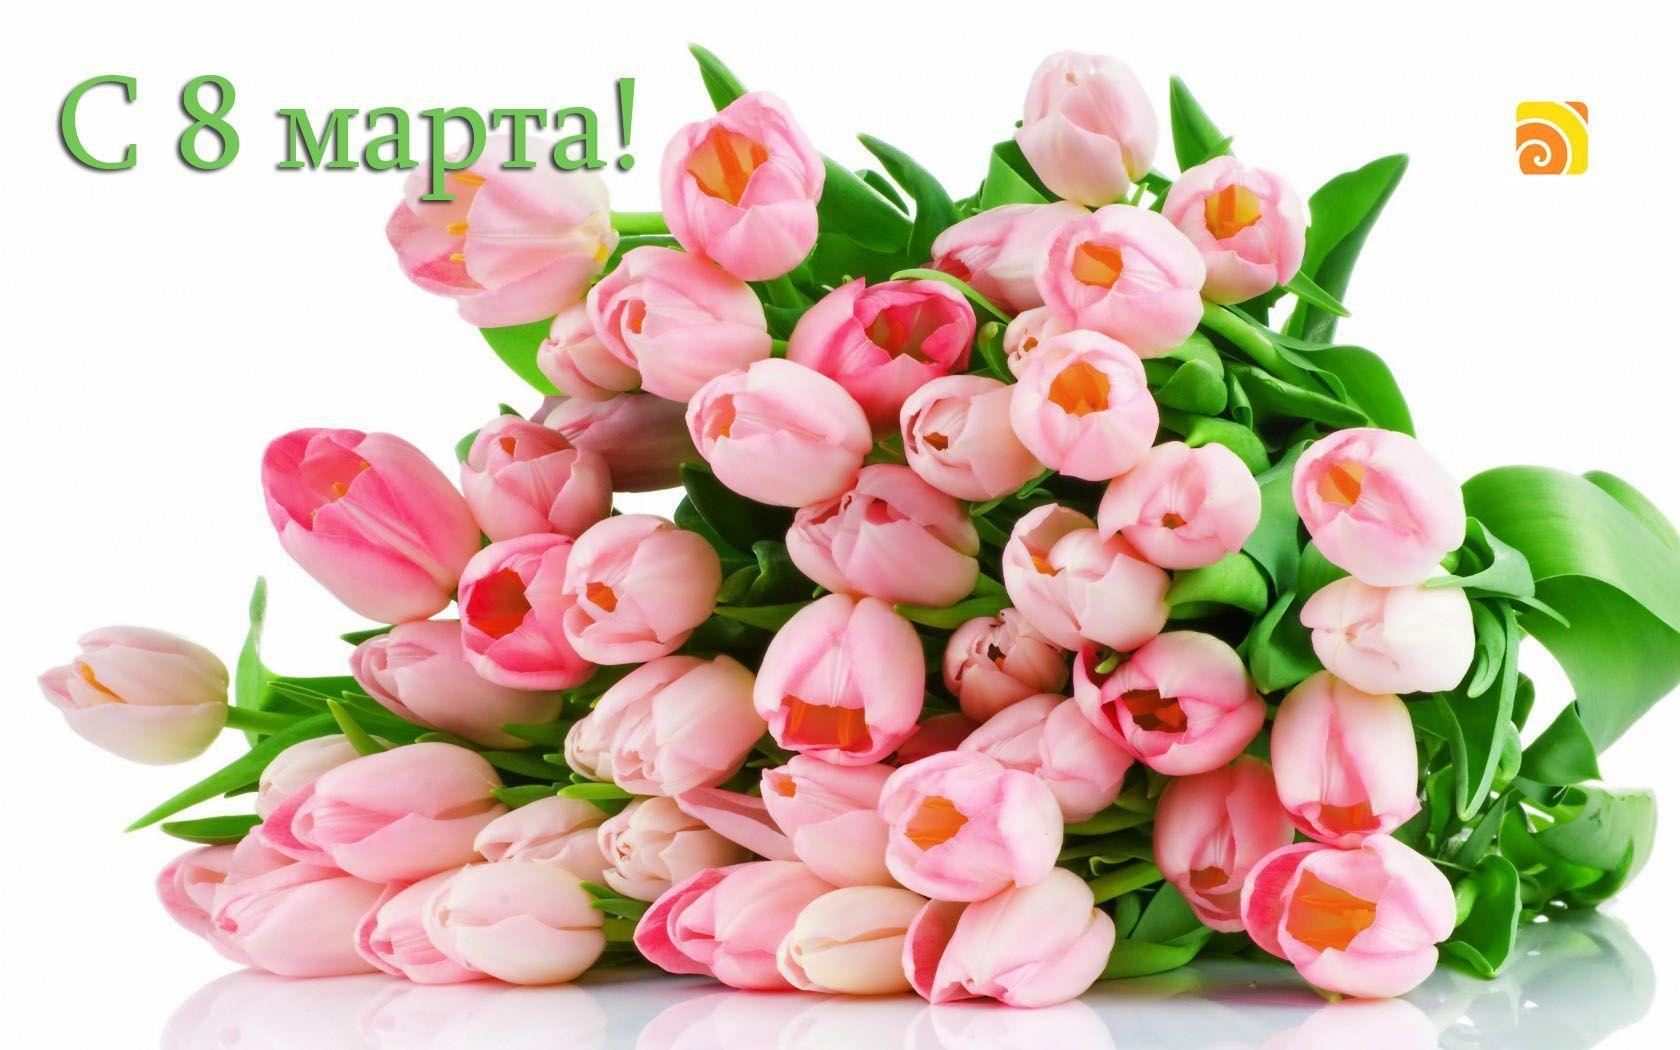 8 марта поздравления женщин и девушек с праздником 8 марта международный женский день праздник